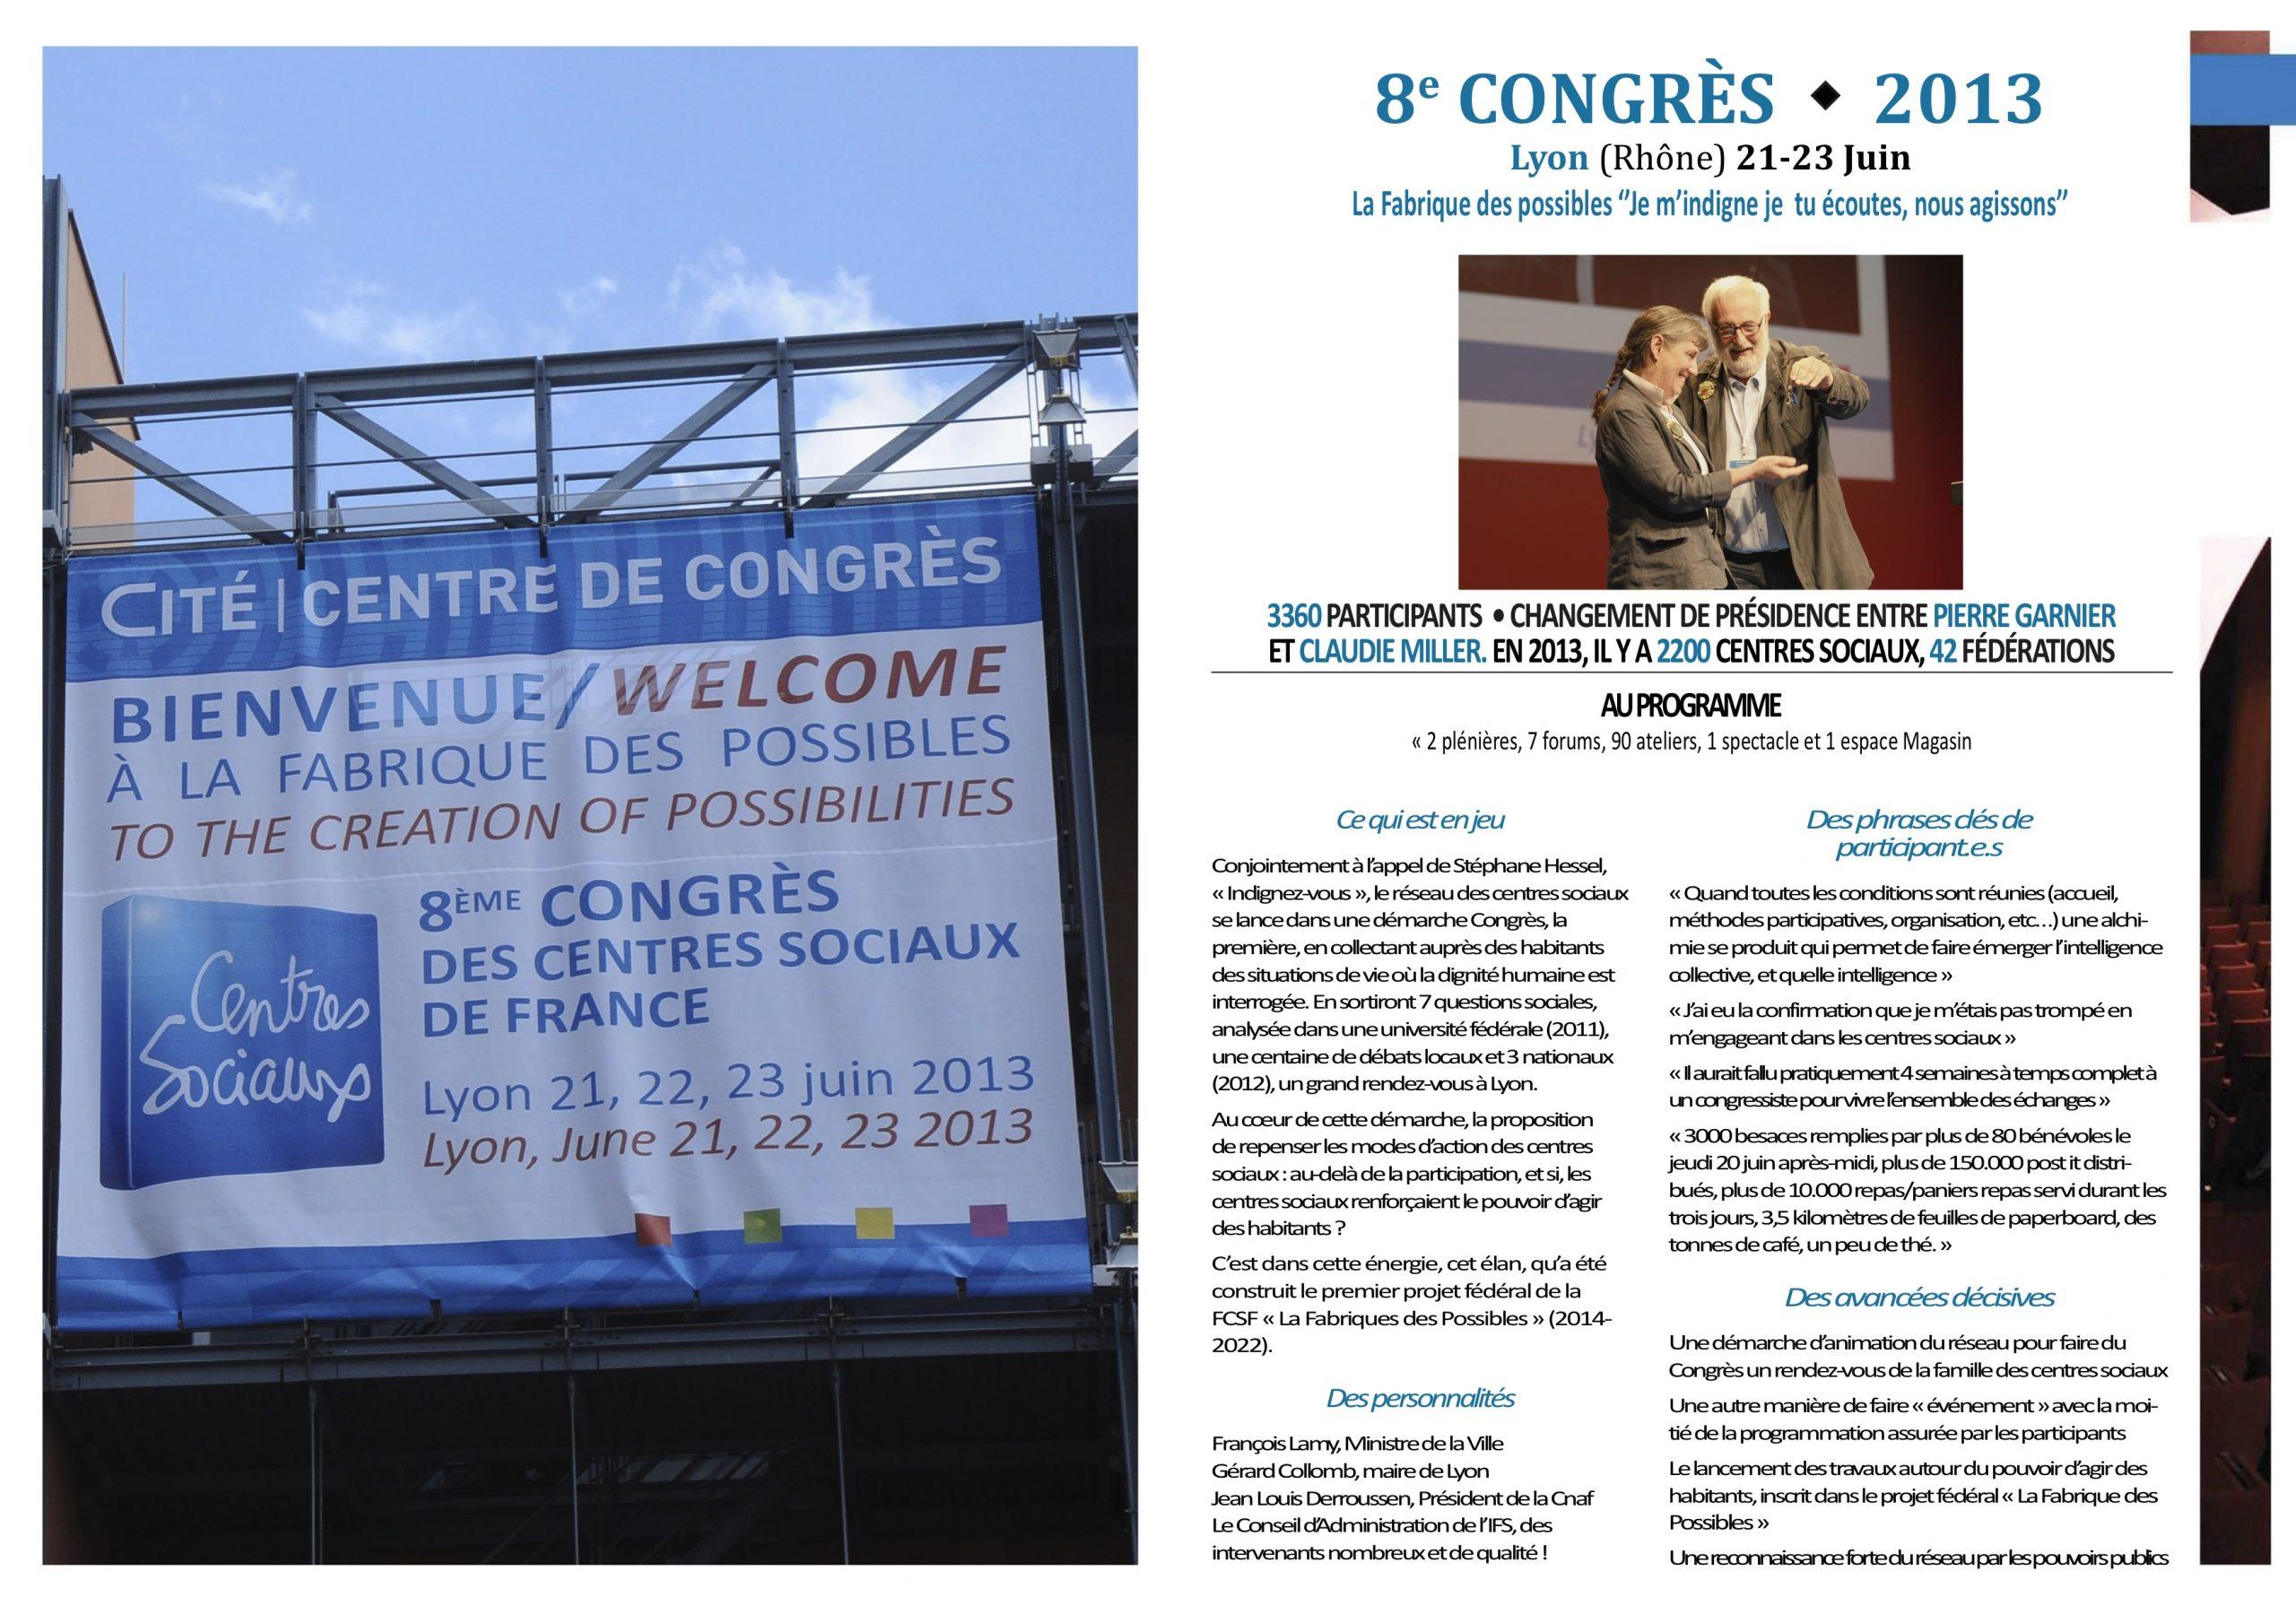 8ème Congrès